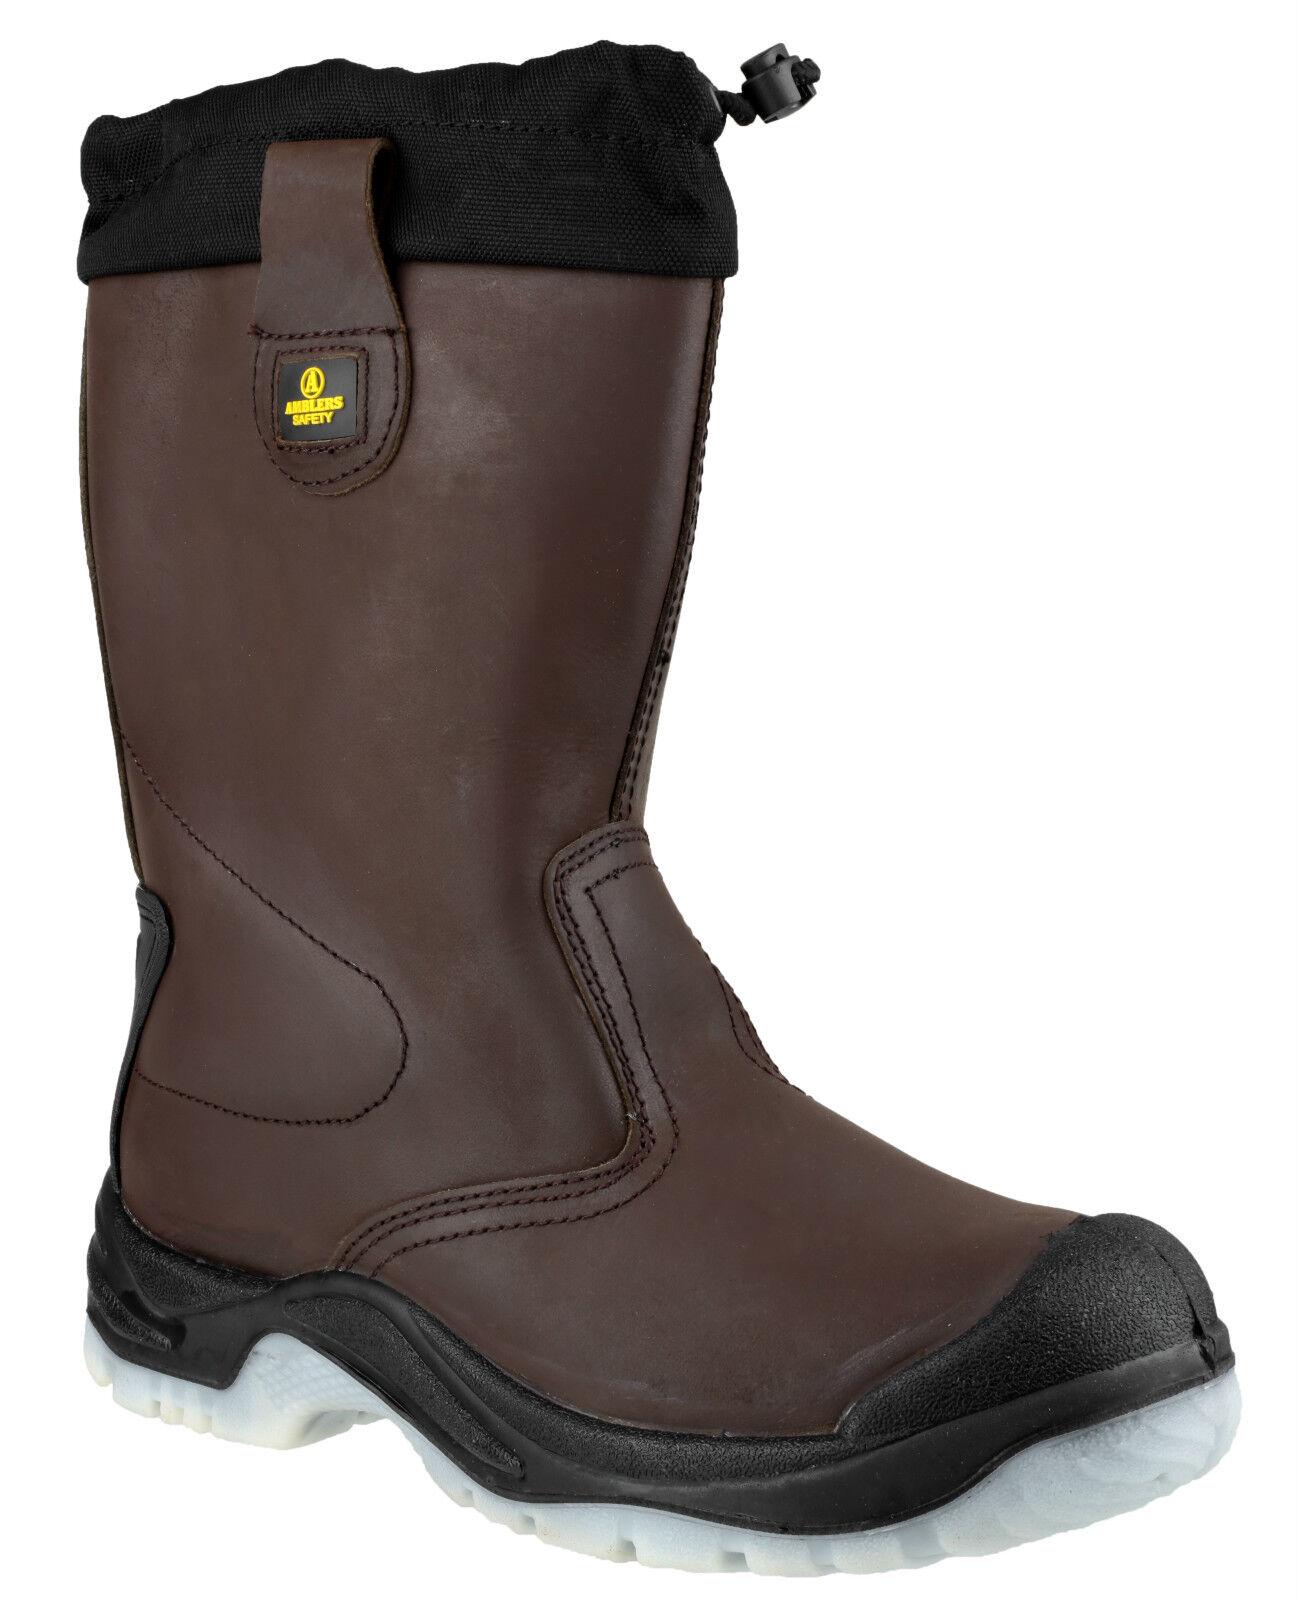 Amblers FS219 Rigger Sicurezza Da Uomo Marrone Da Infilare Punta In Acciaio Tappo Stivali scarpe uk4-14